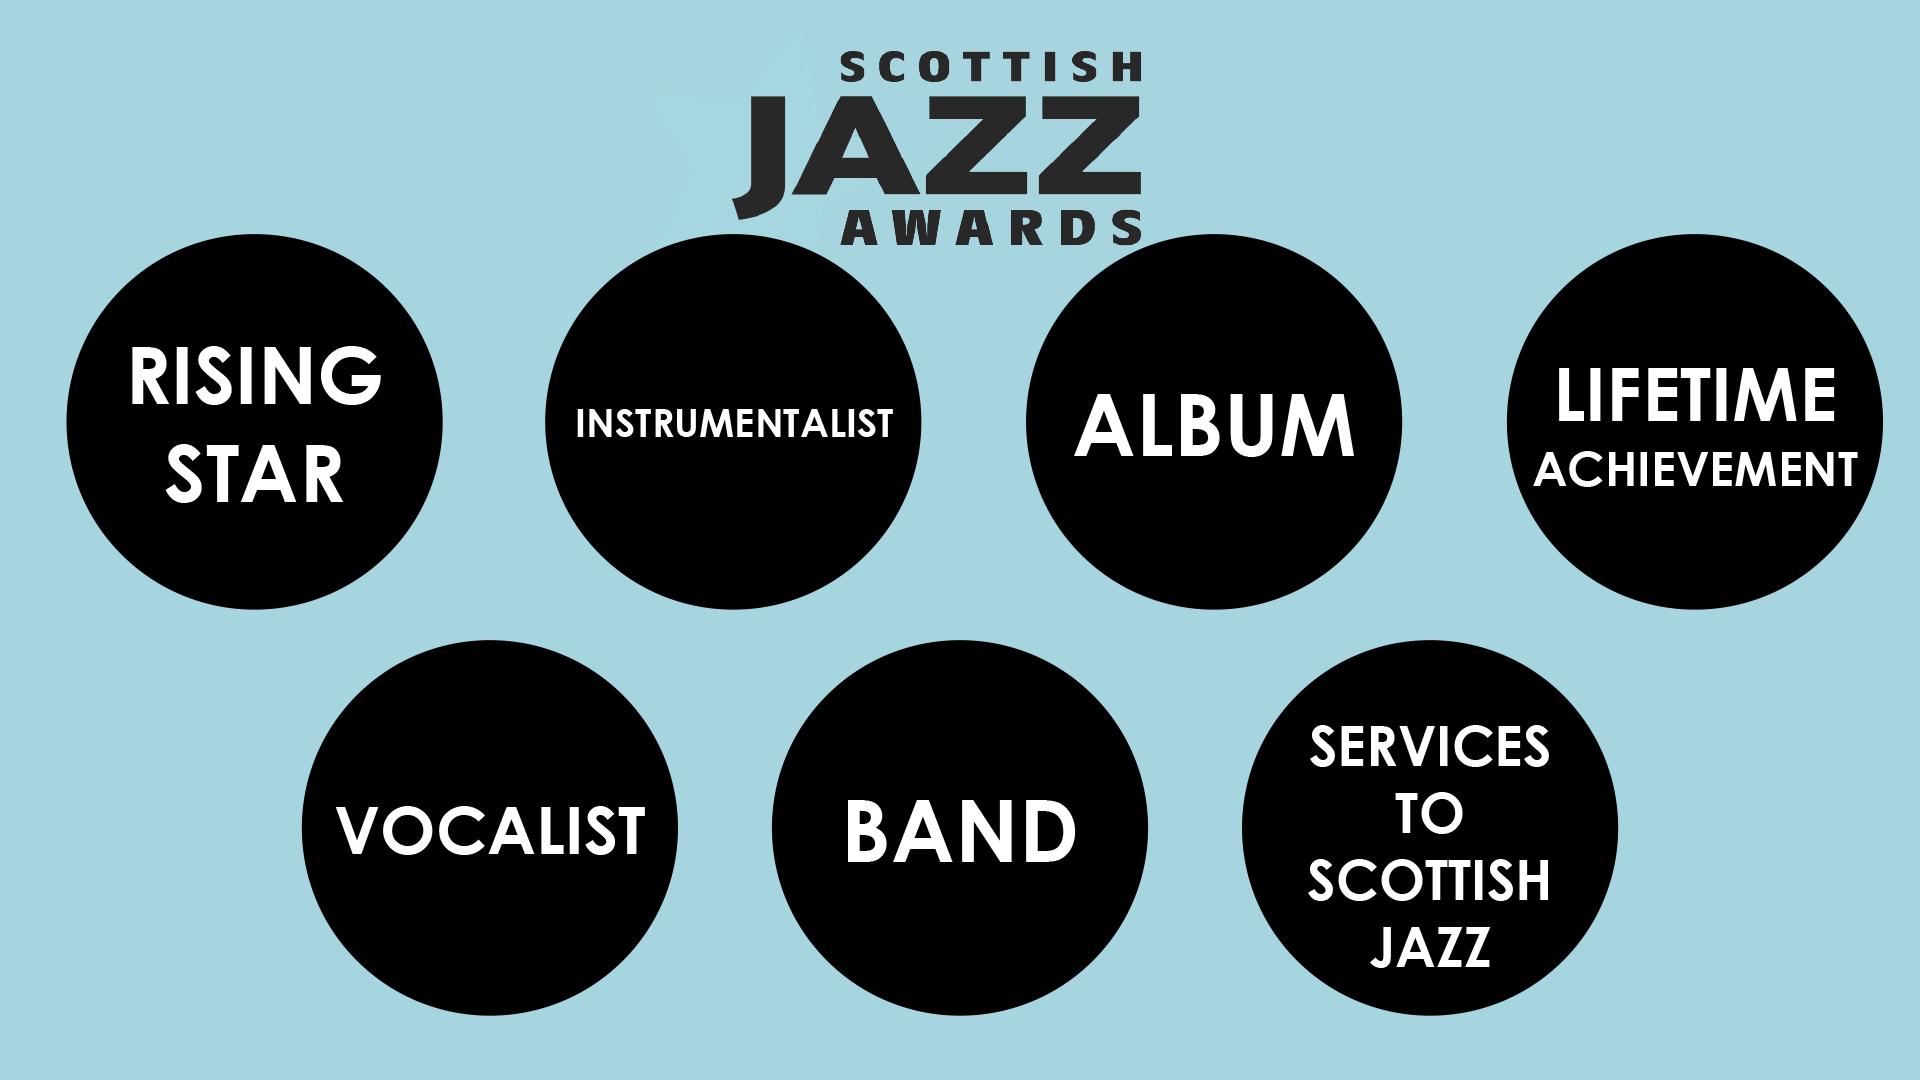 Scottish Jazz Awards 2020